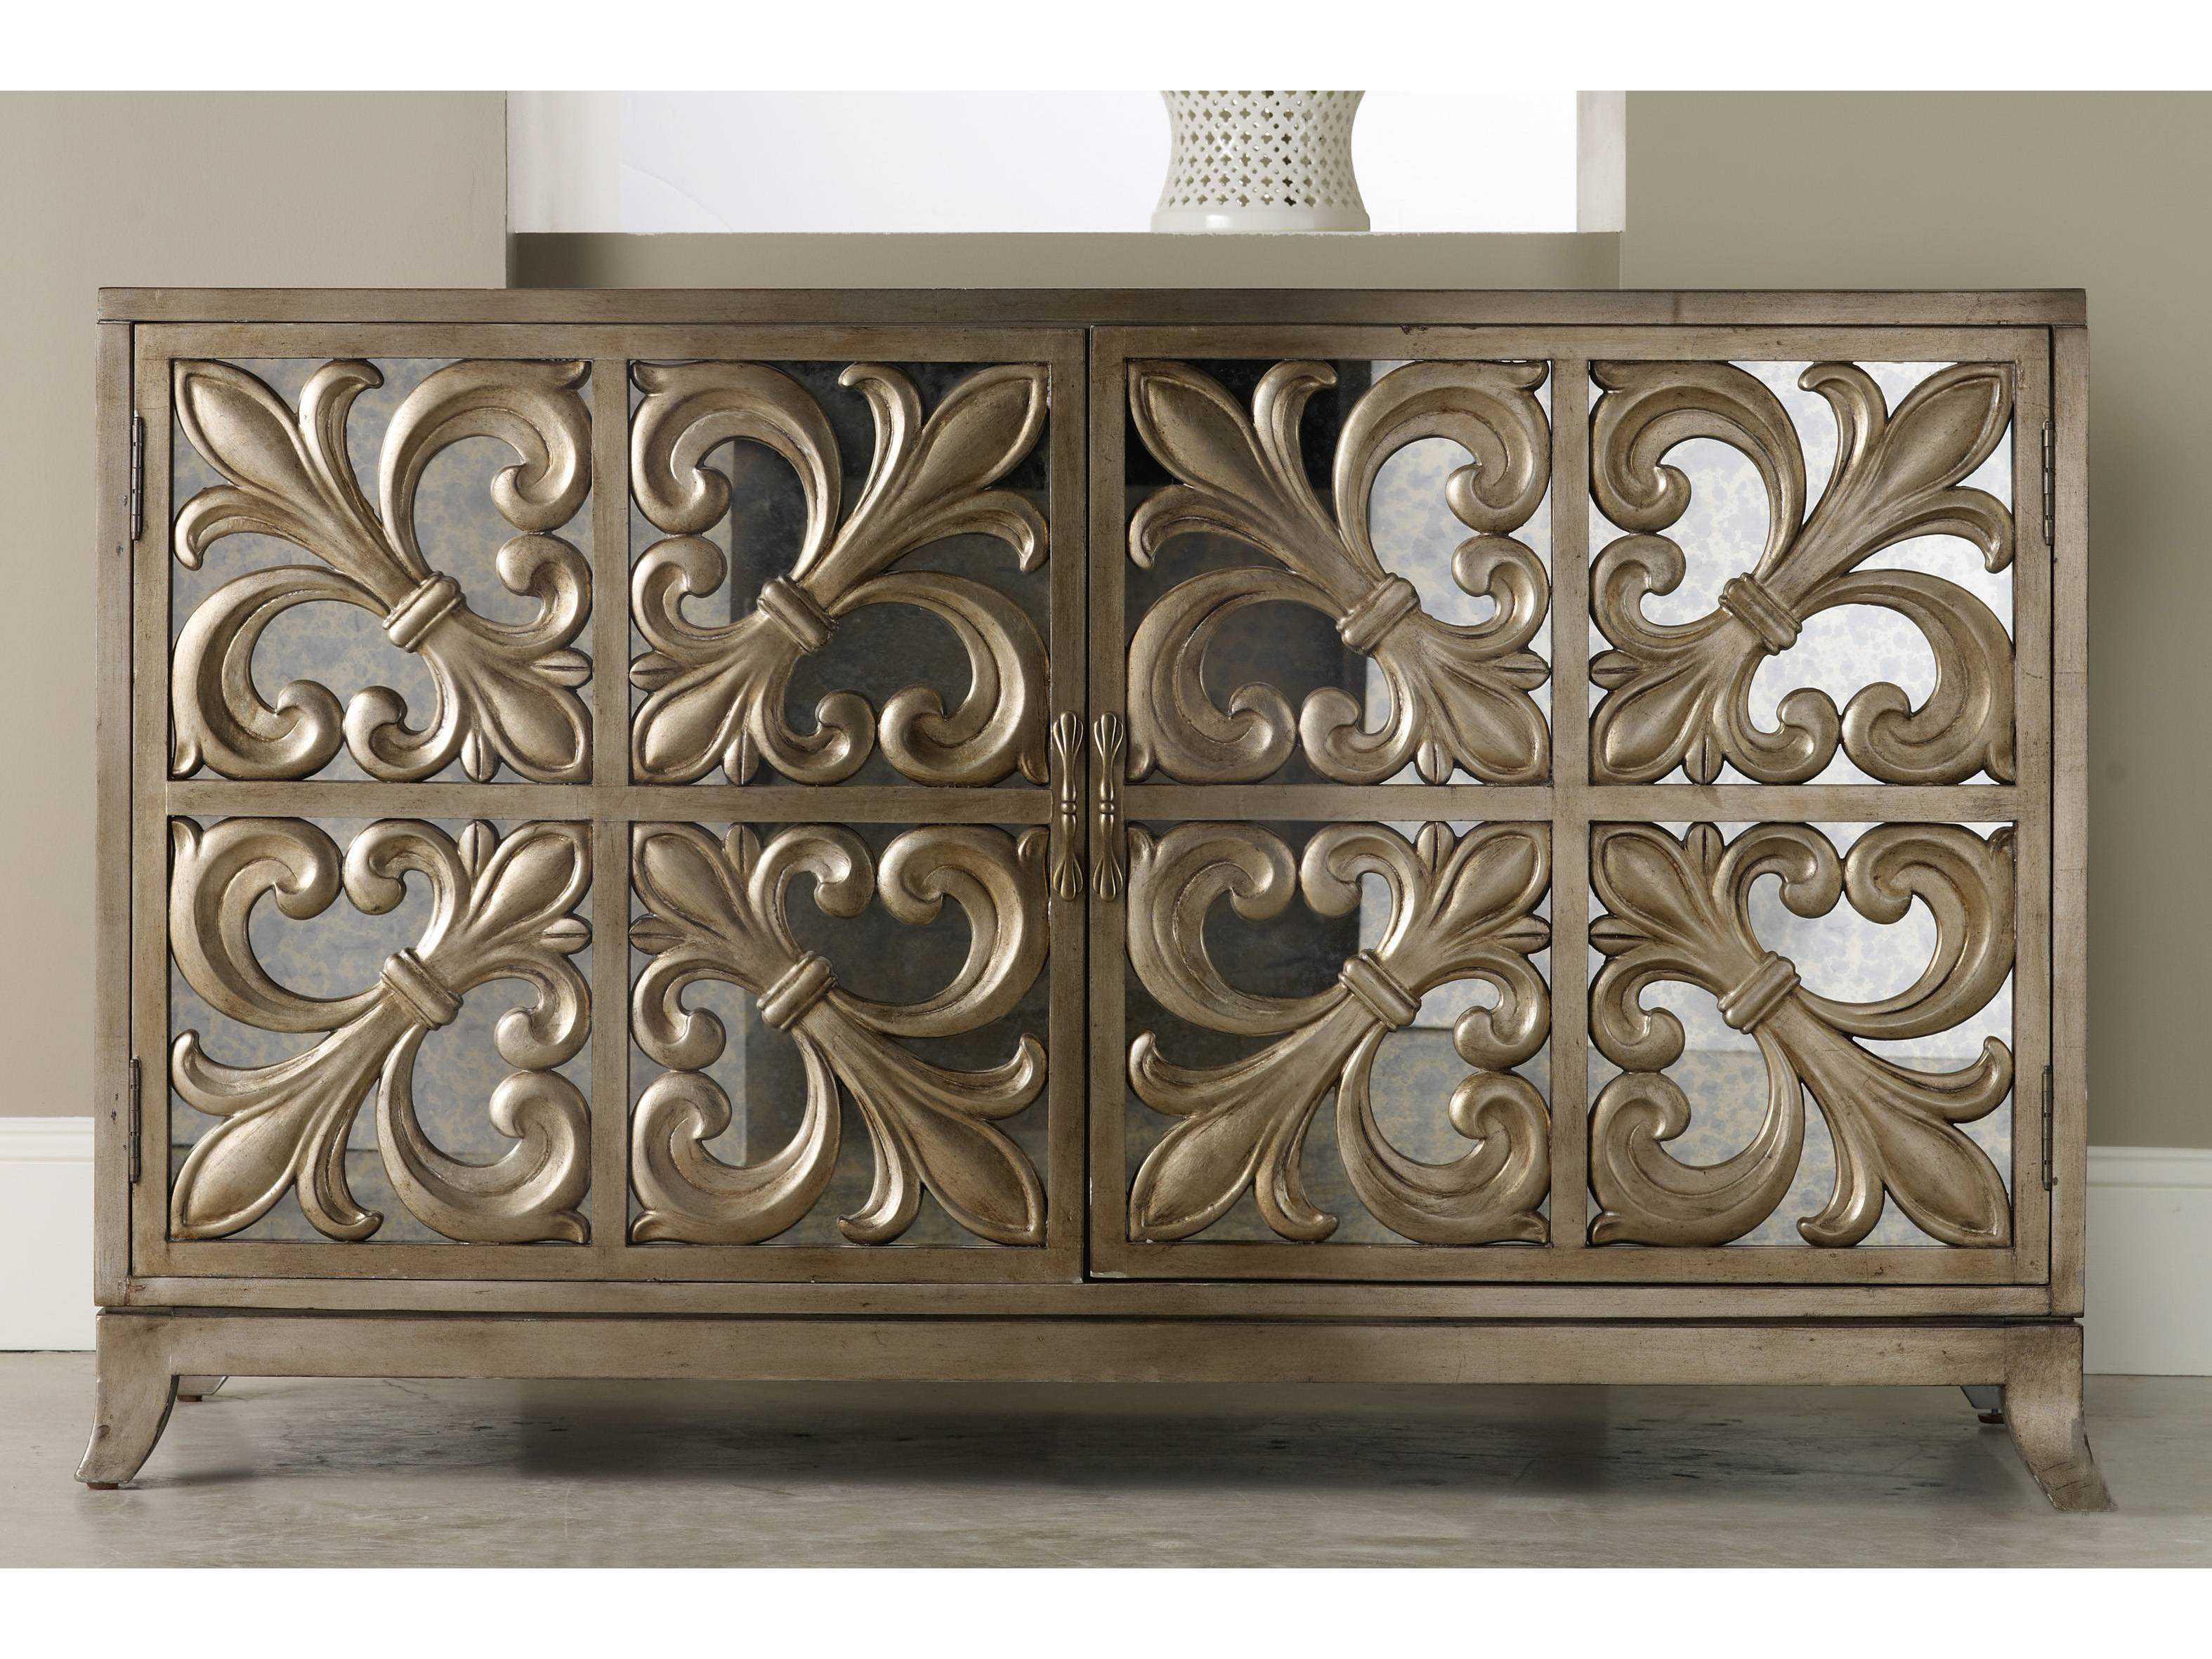 hooker furniture melange gold 56 39 39 l x 22 39 39 w rectangular fleur de lis mirrored credenza buffet. Black Bedroom Furniture Sets. Home Design Ideas